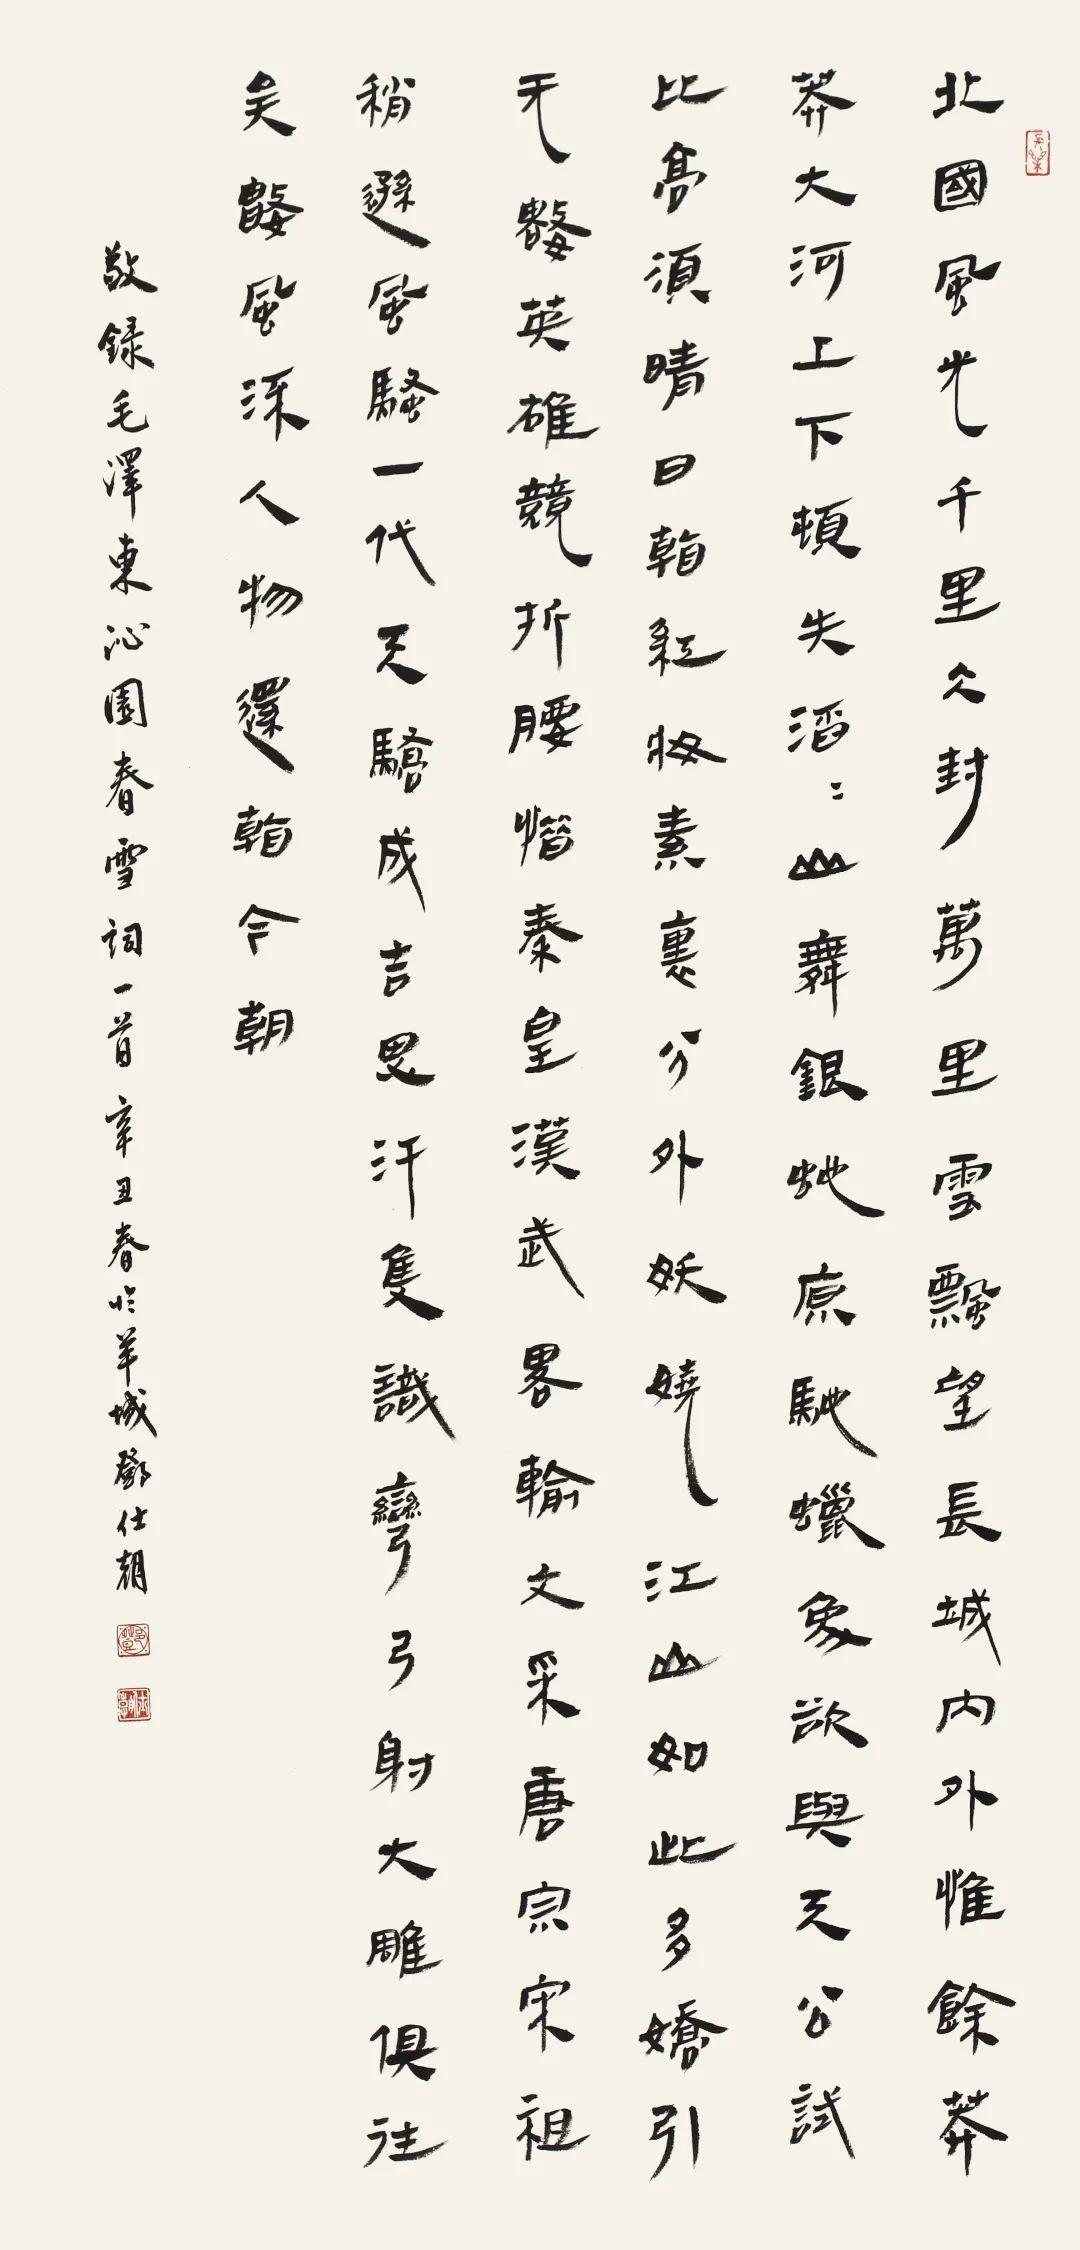 广东省书法家协会会员、广州羊城书法研究会会员邓仕朝